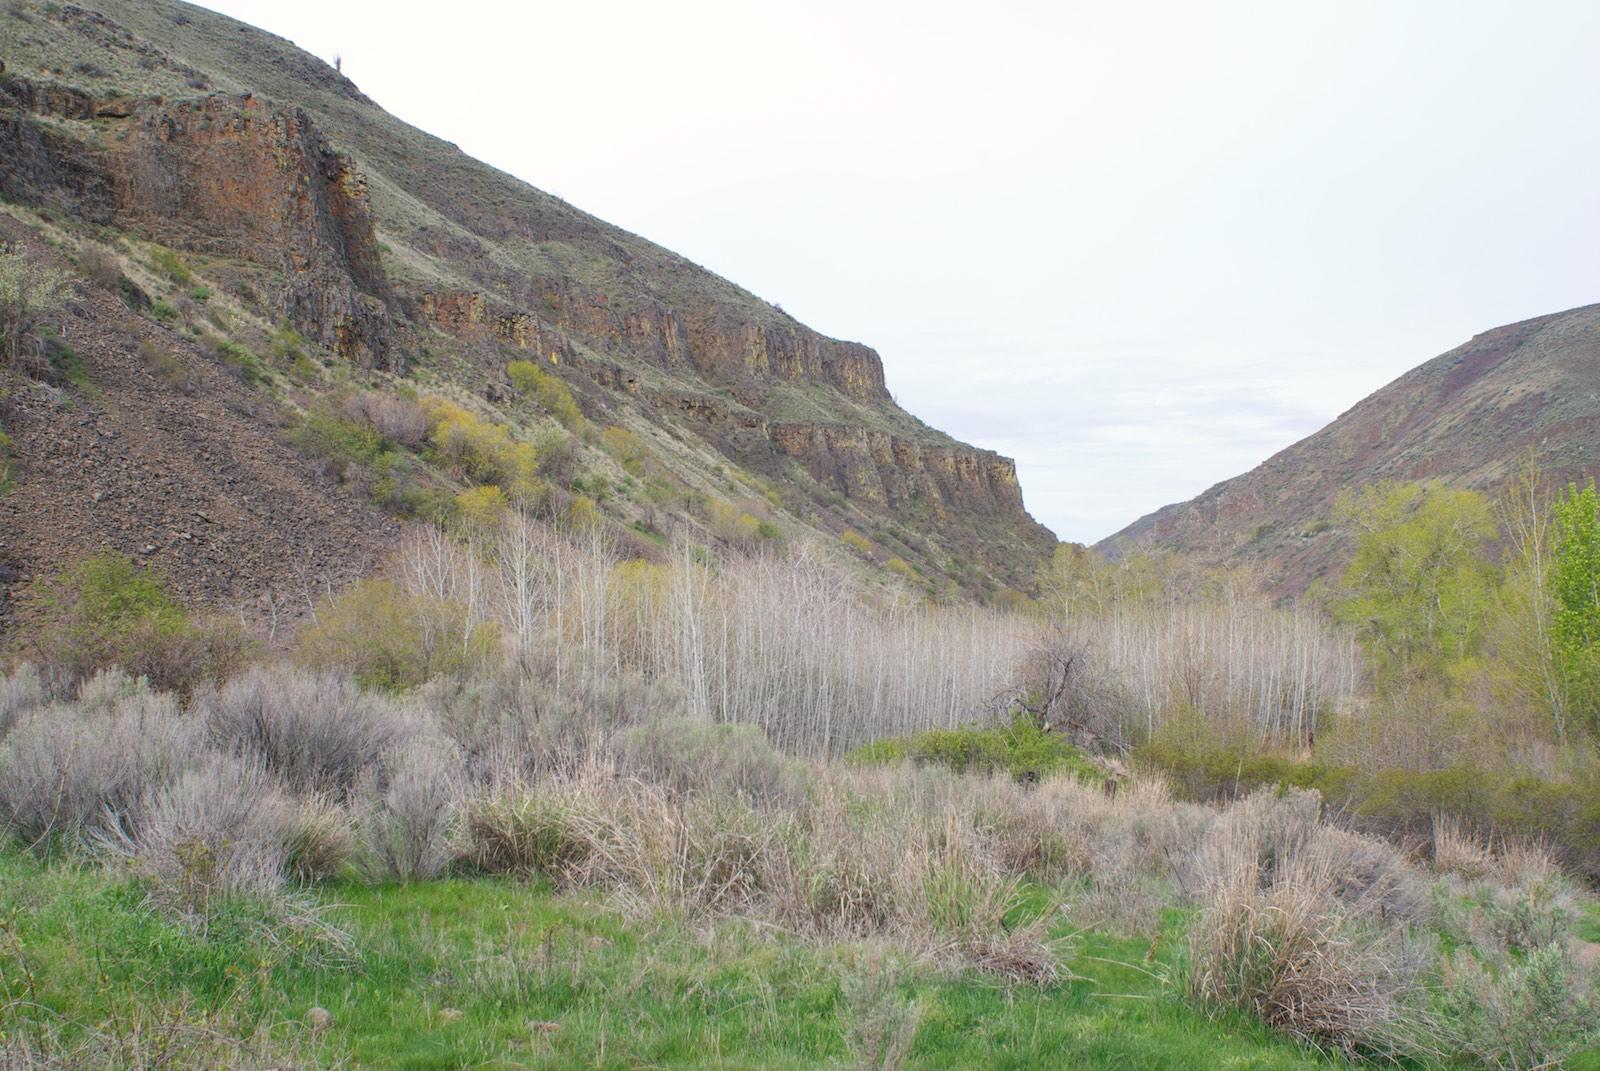 Yakima Canyon Umatanum Canyon Trail